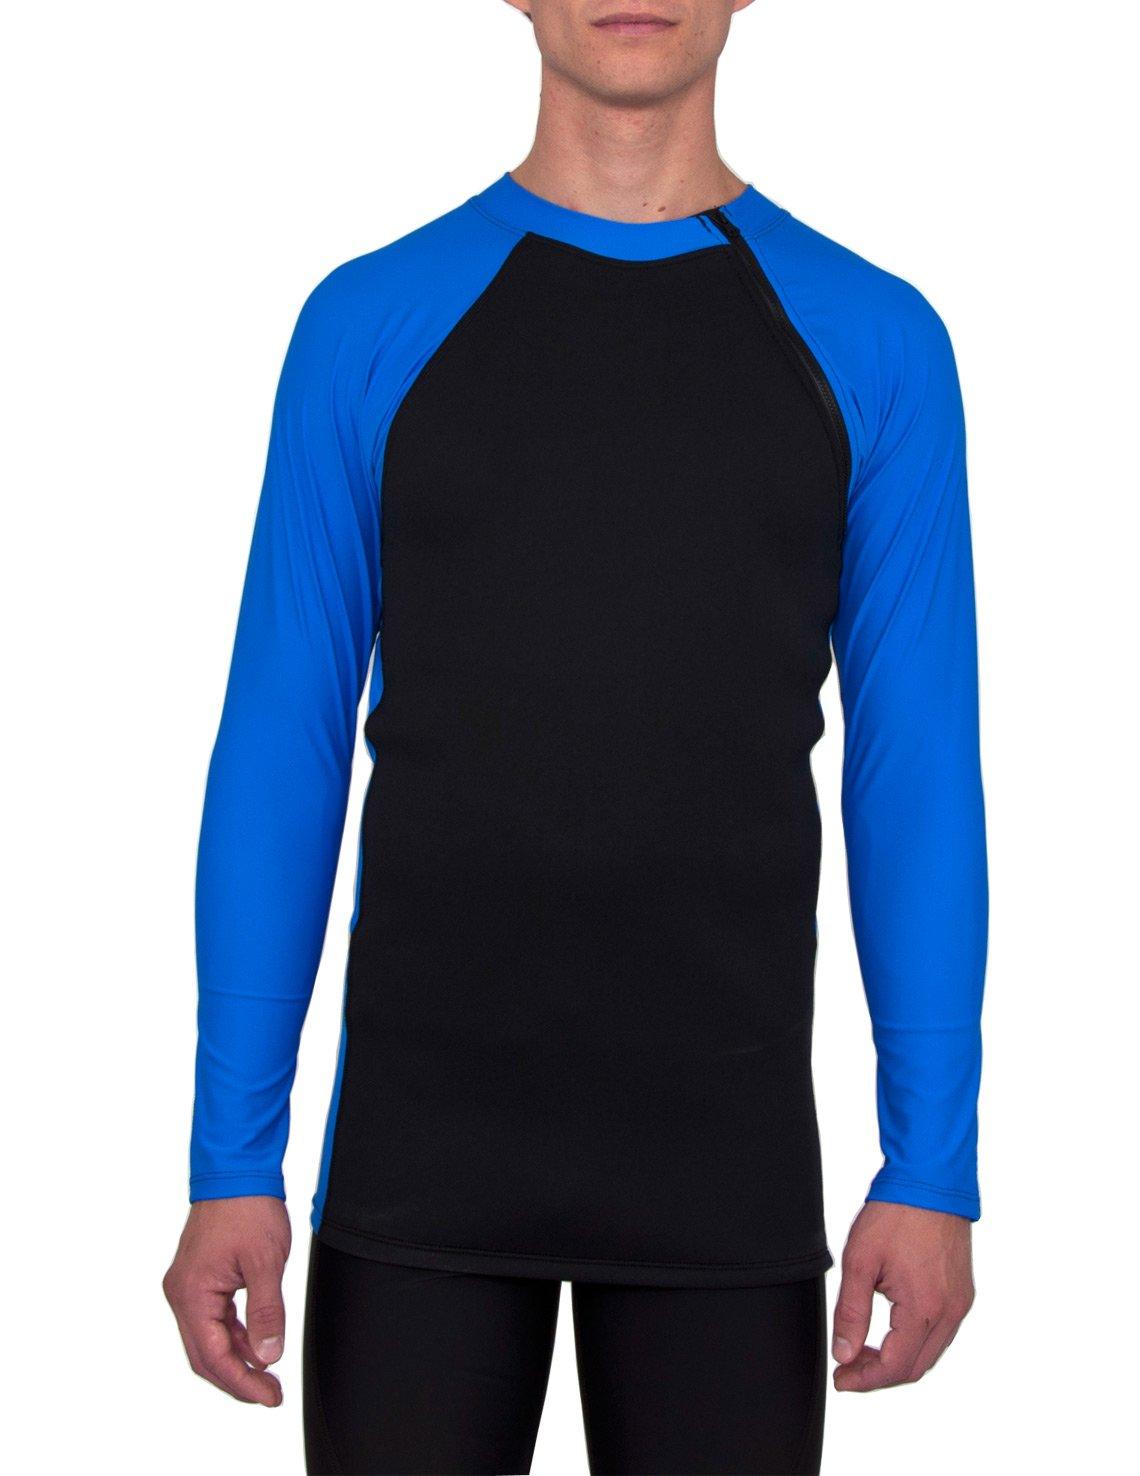 TUGA Sunwear UV-Schutzkleidung Badeshirt Thermo-Top aus Neopren und Nylon//Elasthan /Ärmel UPF50+